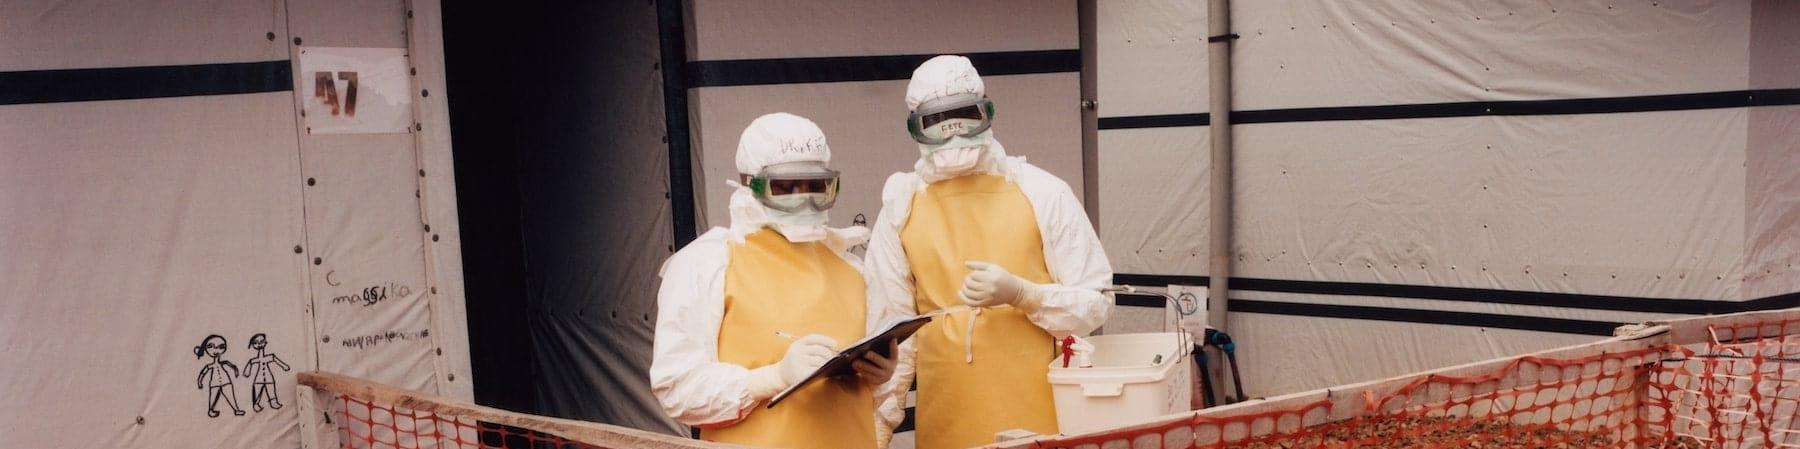 due-persone-con-copertura-anti-ebola